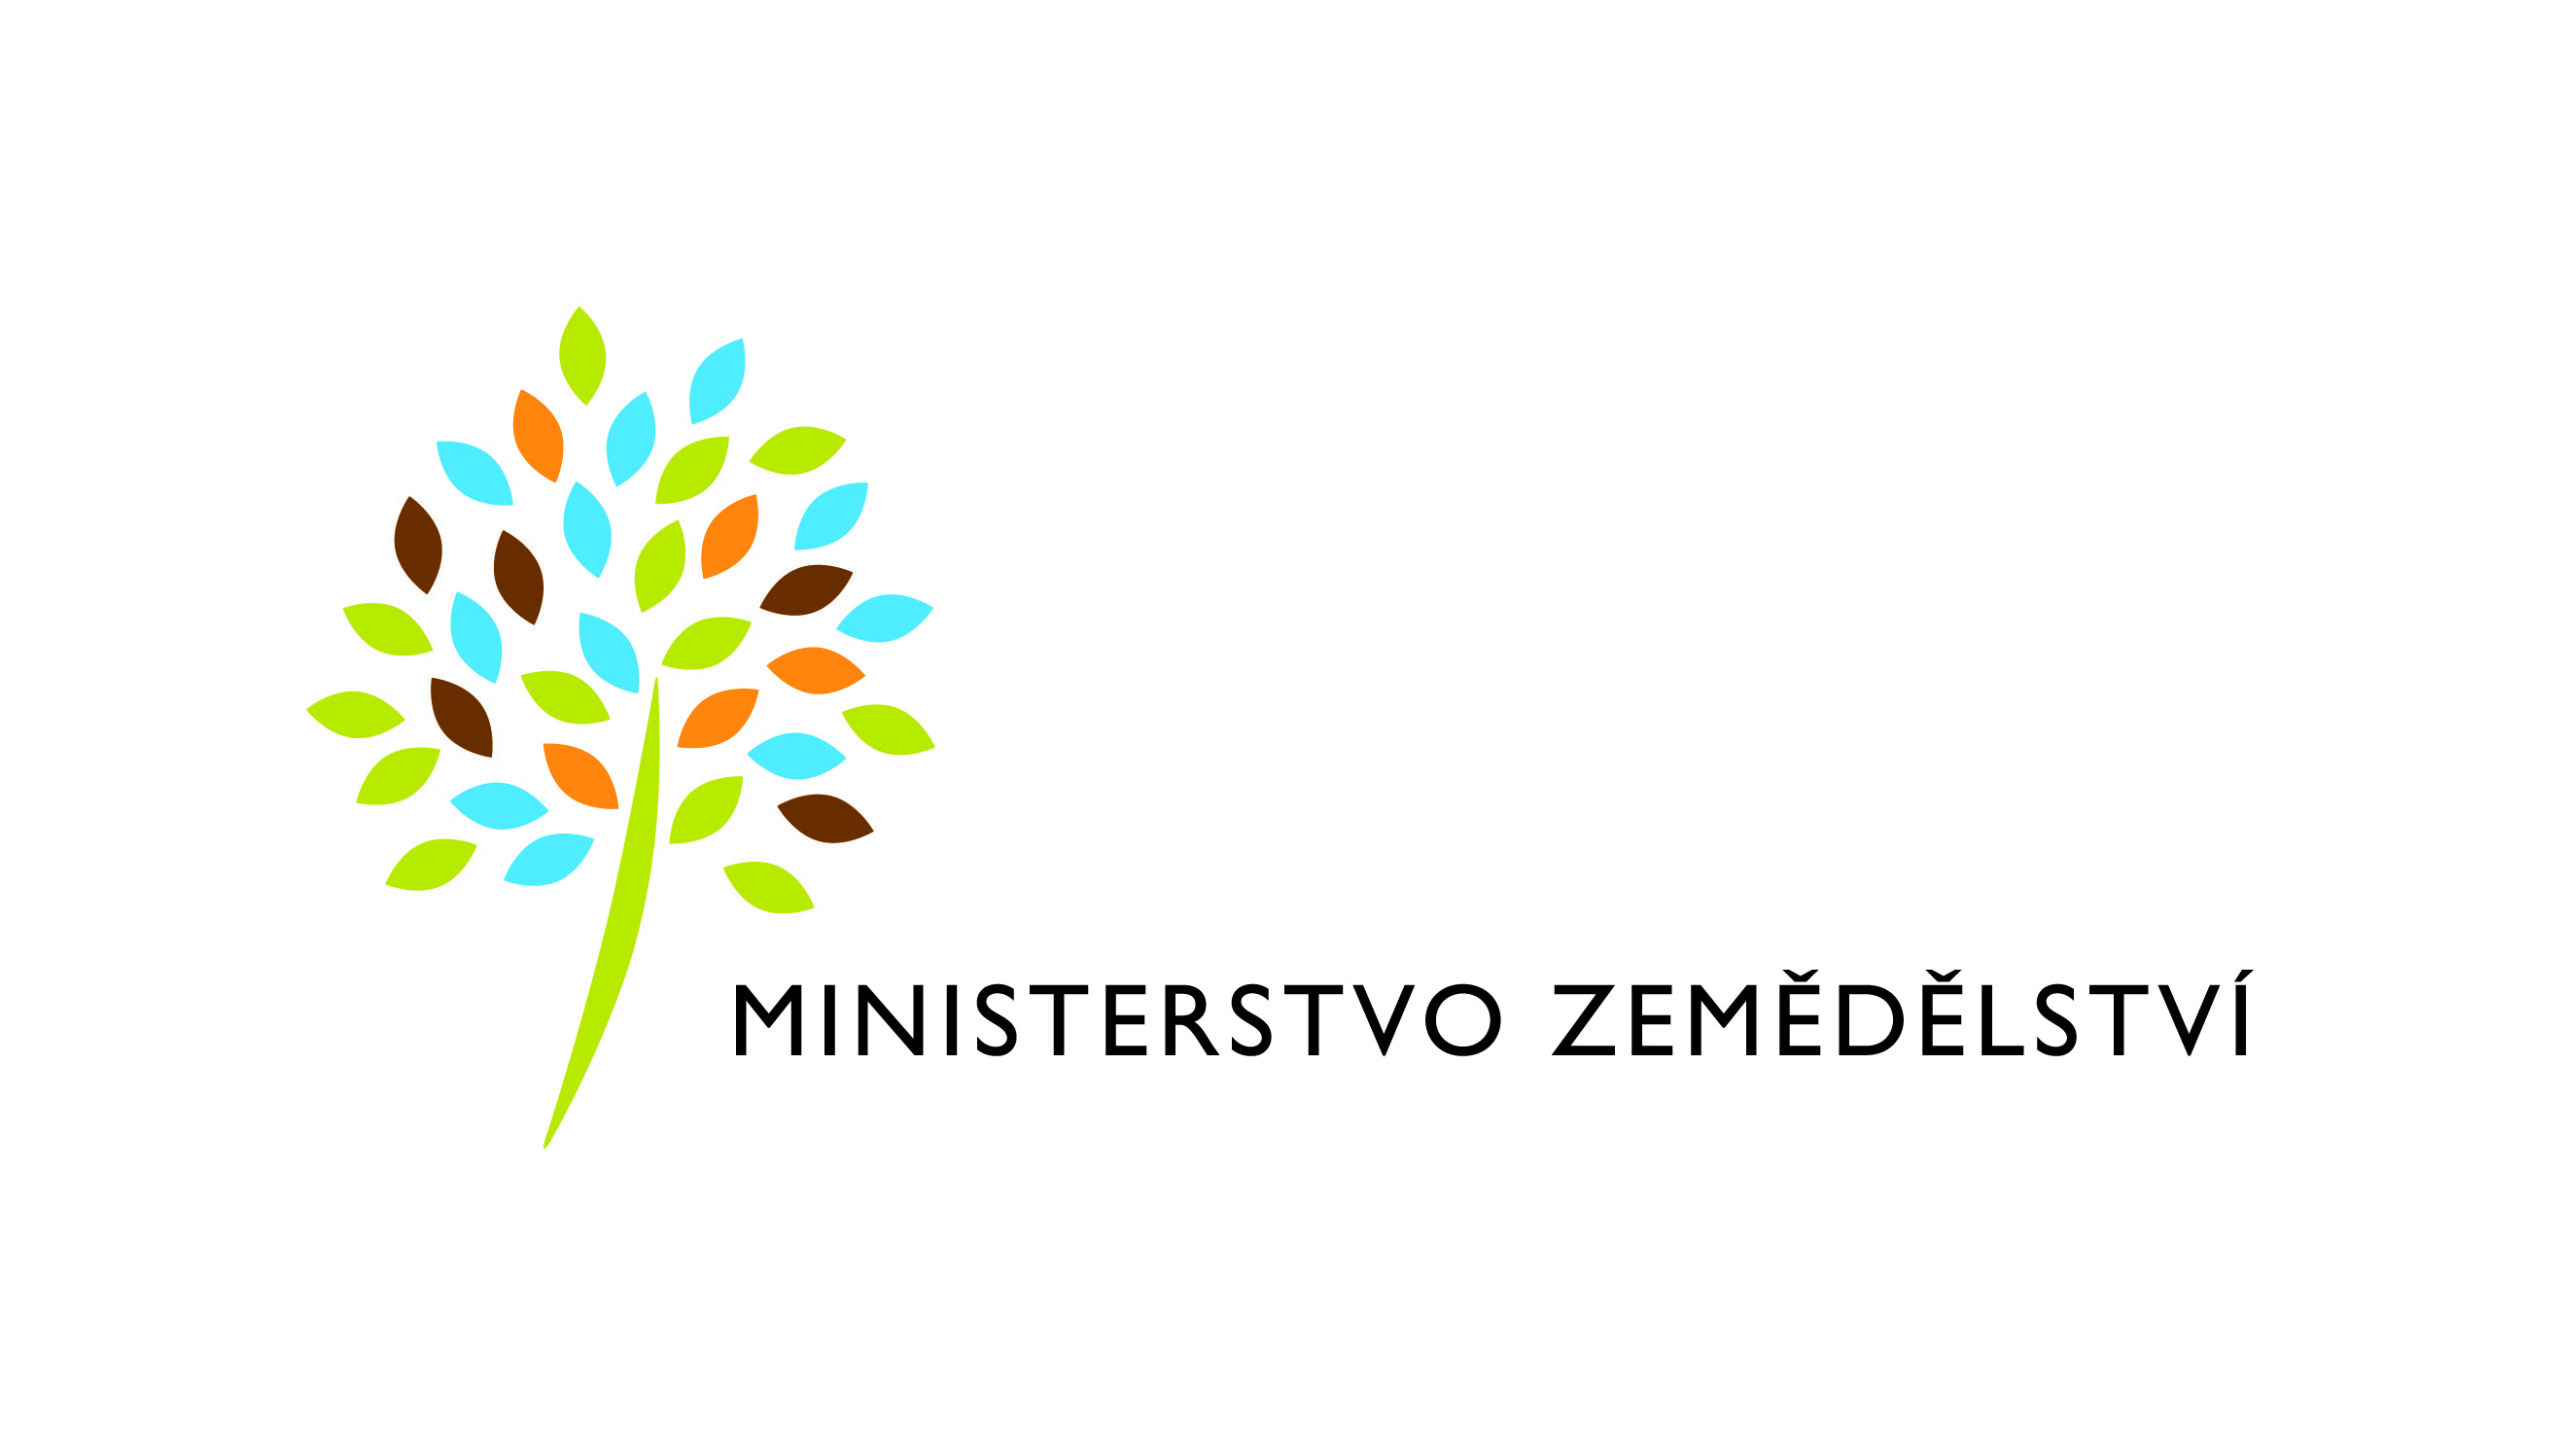 Logo Ministerstva zemědělství ČR (obrázek stromu a nápis Ministerstvo zemědělství)